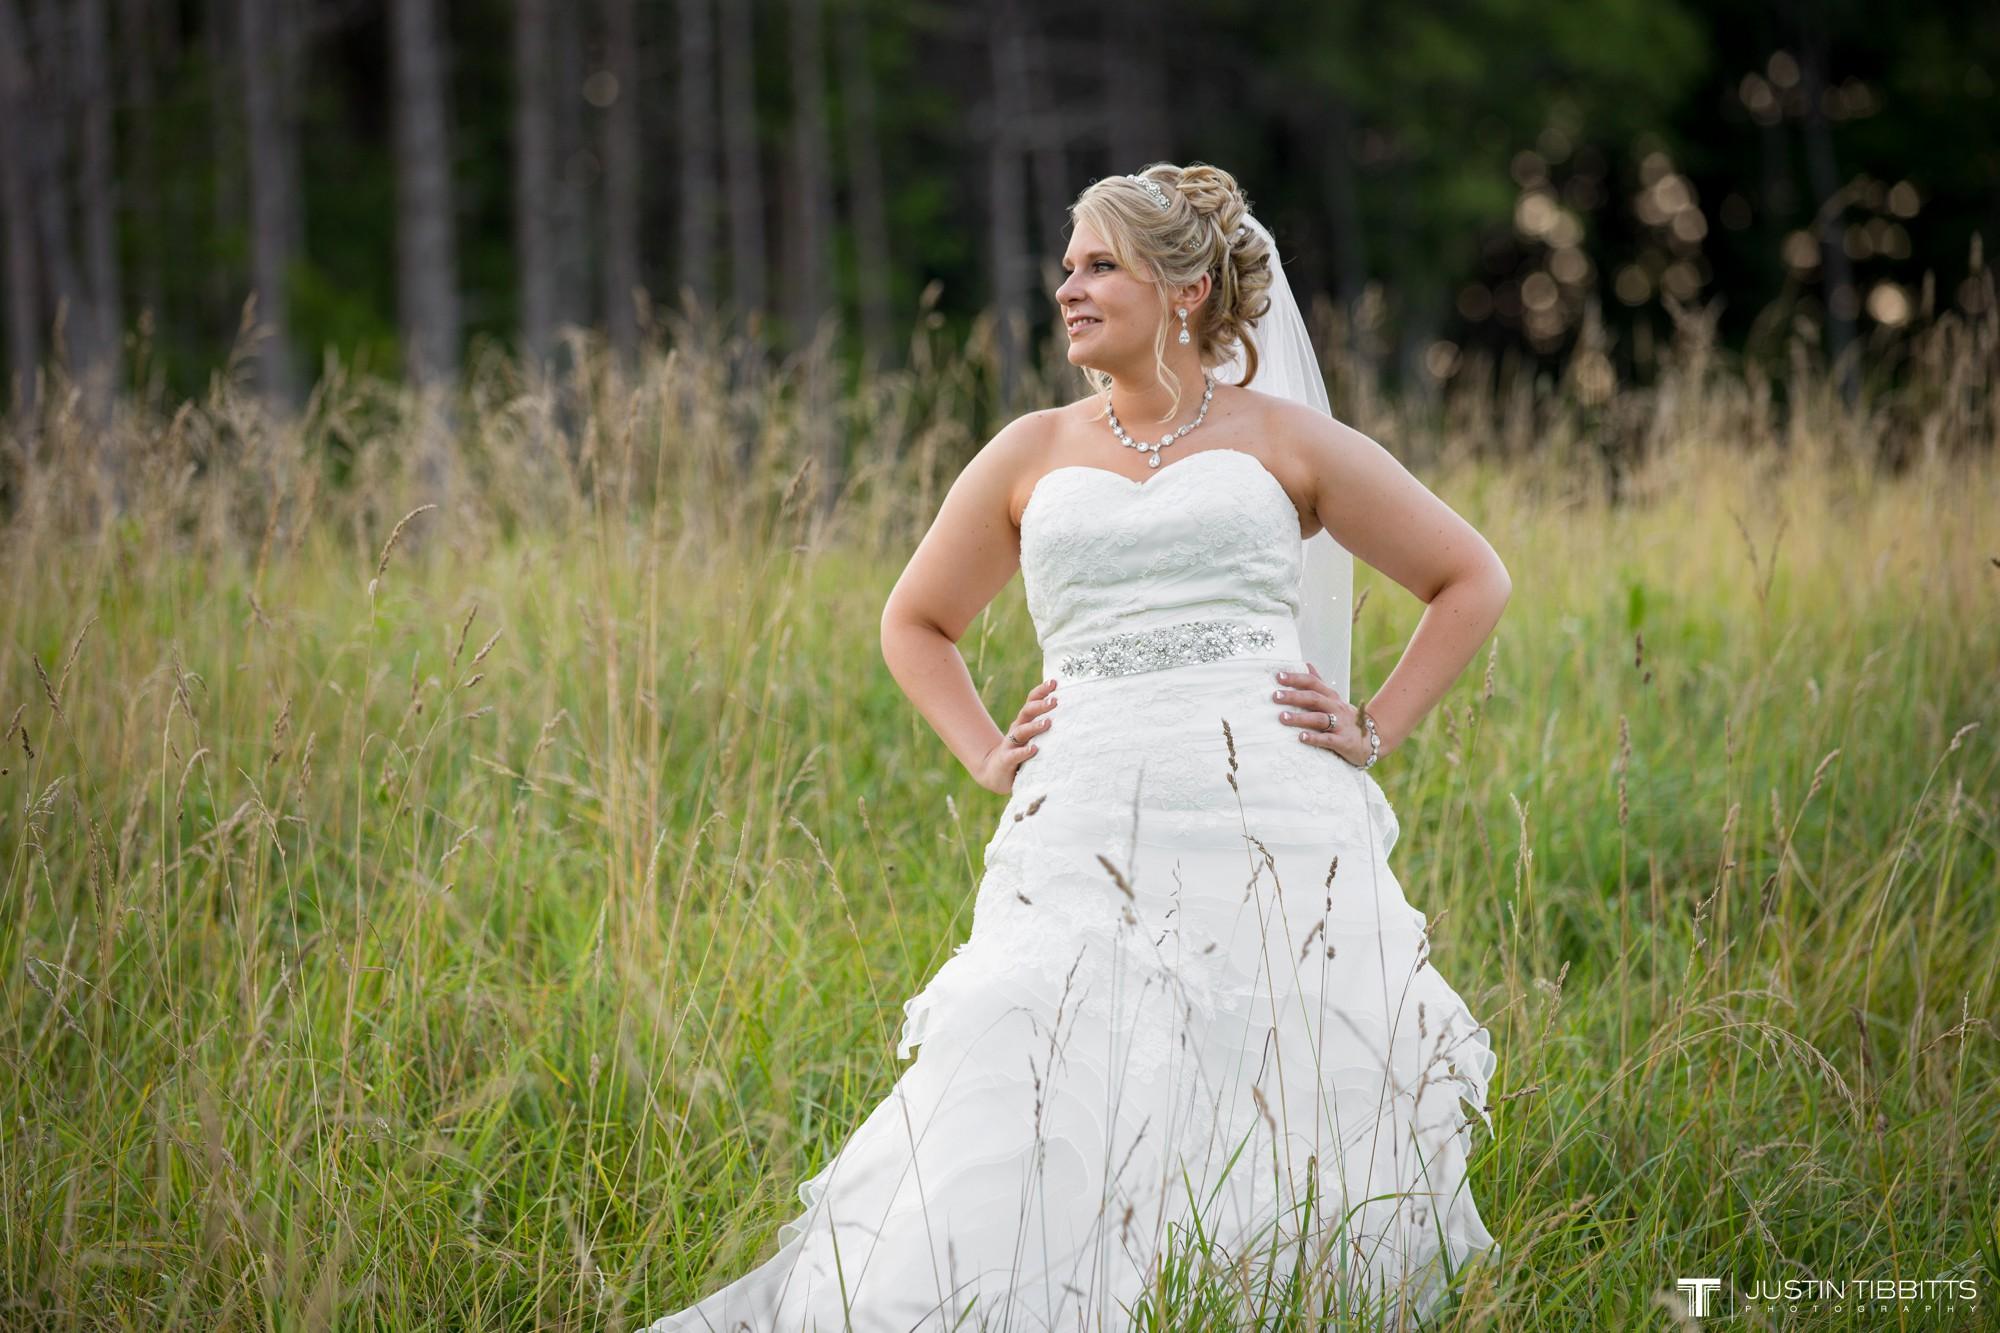 Albany NY Wedding Photographer Justin Tibbitts Photography 2014 Best of Albany NY Weddings-4759134